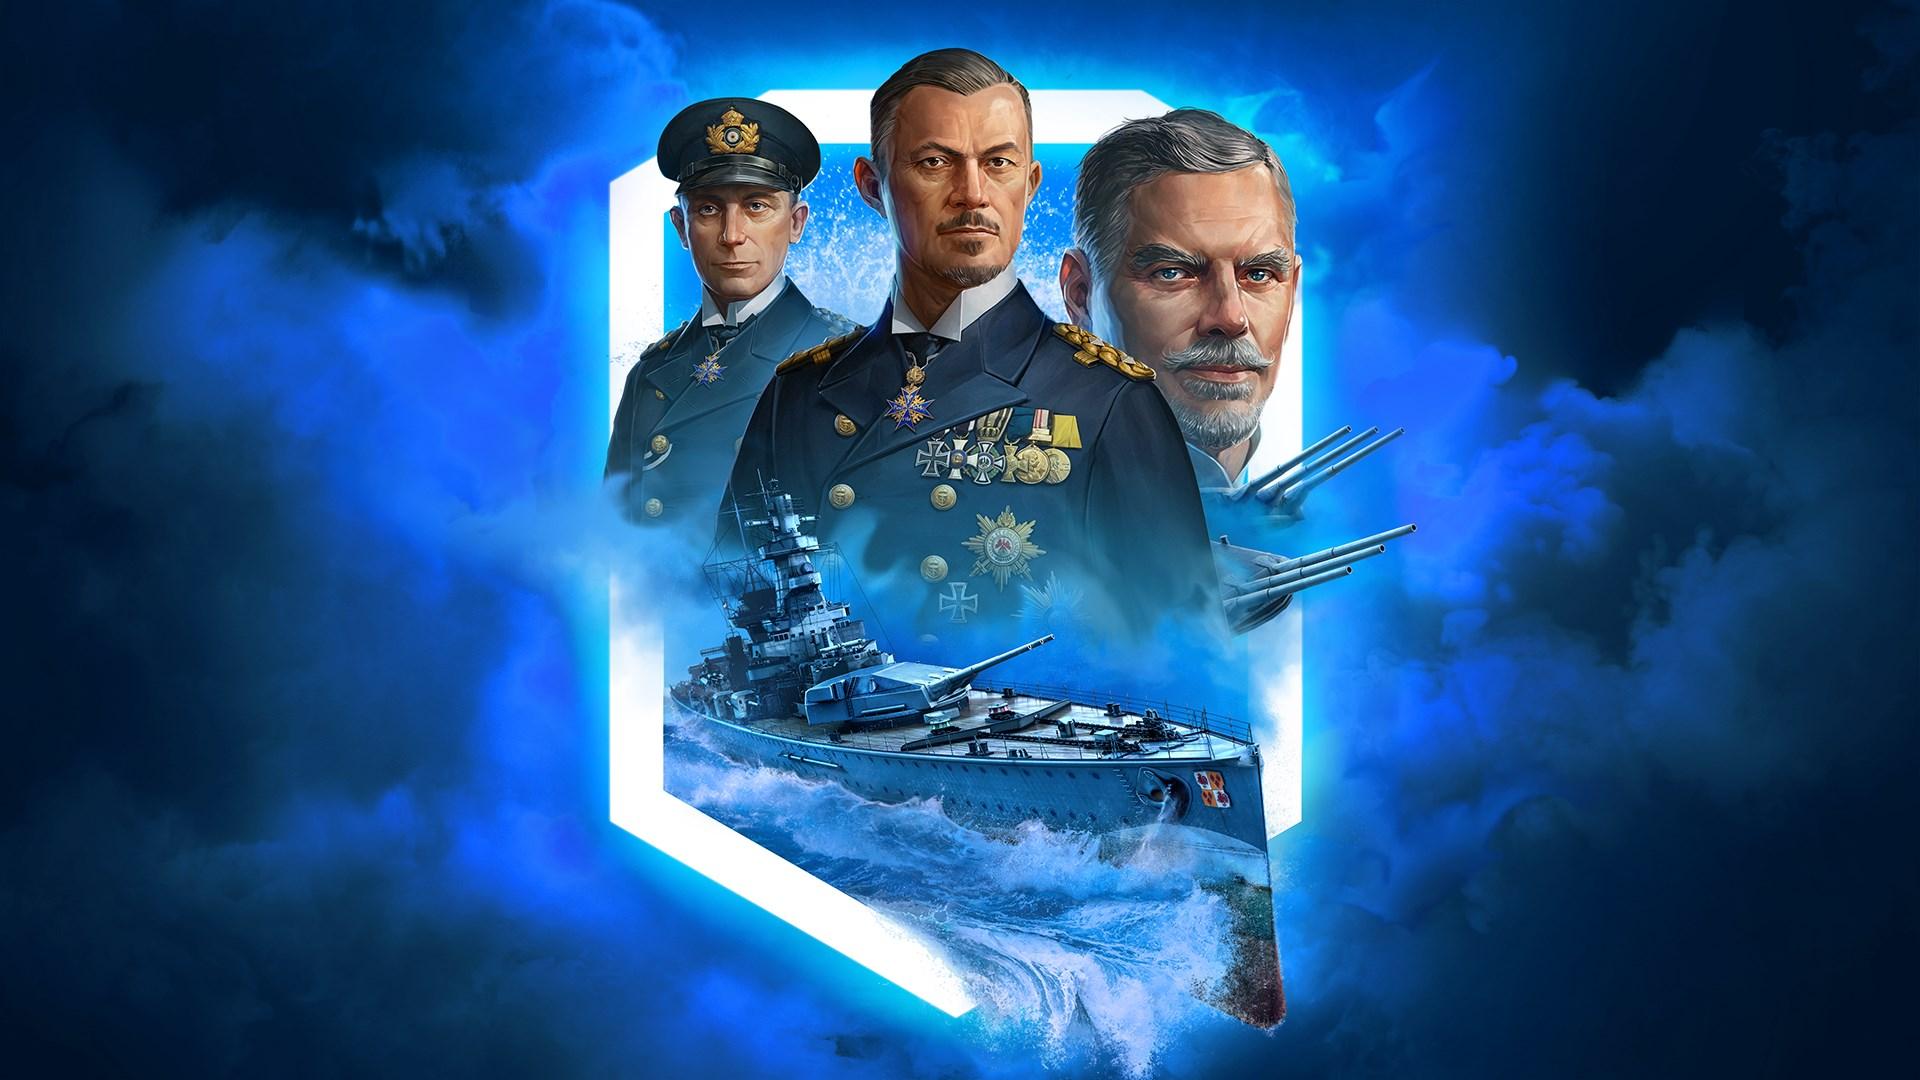 《戰艦世界:傳奇》- 袖珍戰艦